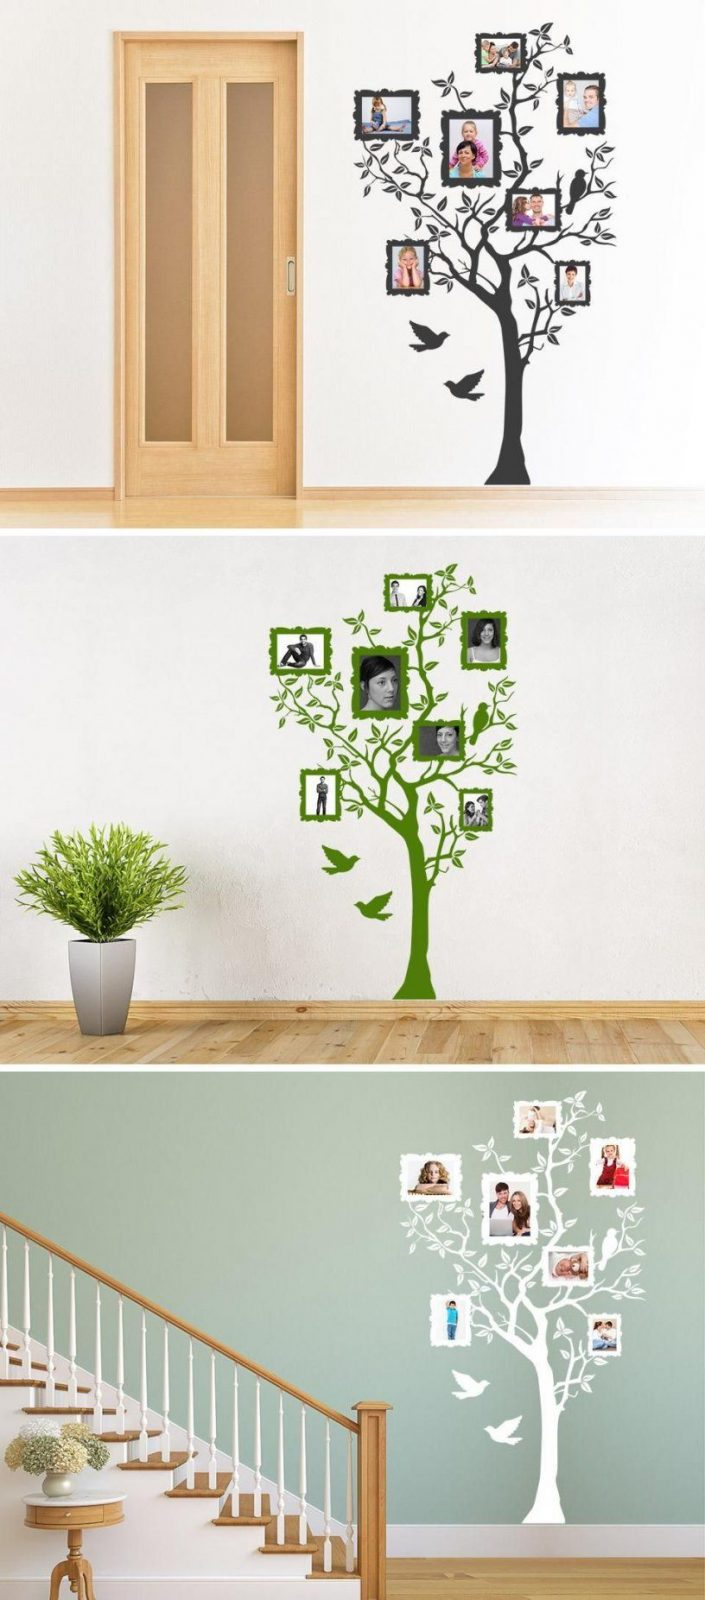 Baum Mit Bilderrahmen  Wandtattoo Baum Wandtattoo Und Bilderrahmen von Wandtattoo Baum Mit Fotorahmen Photo